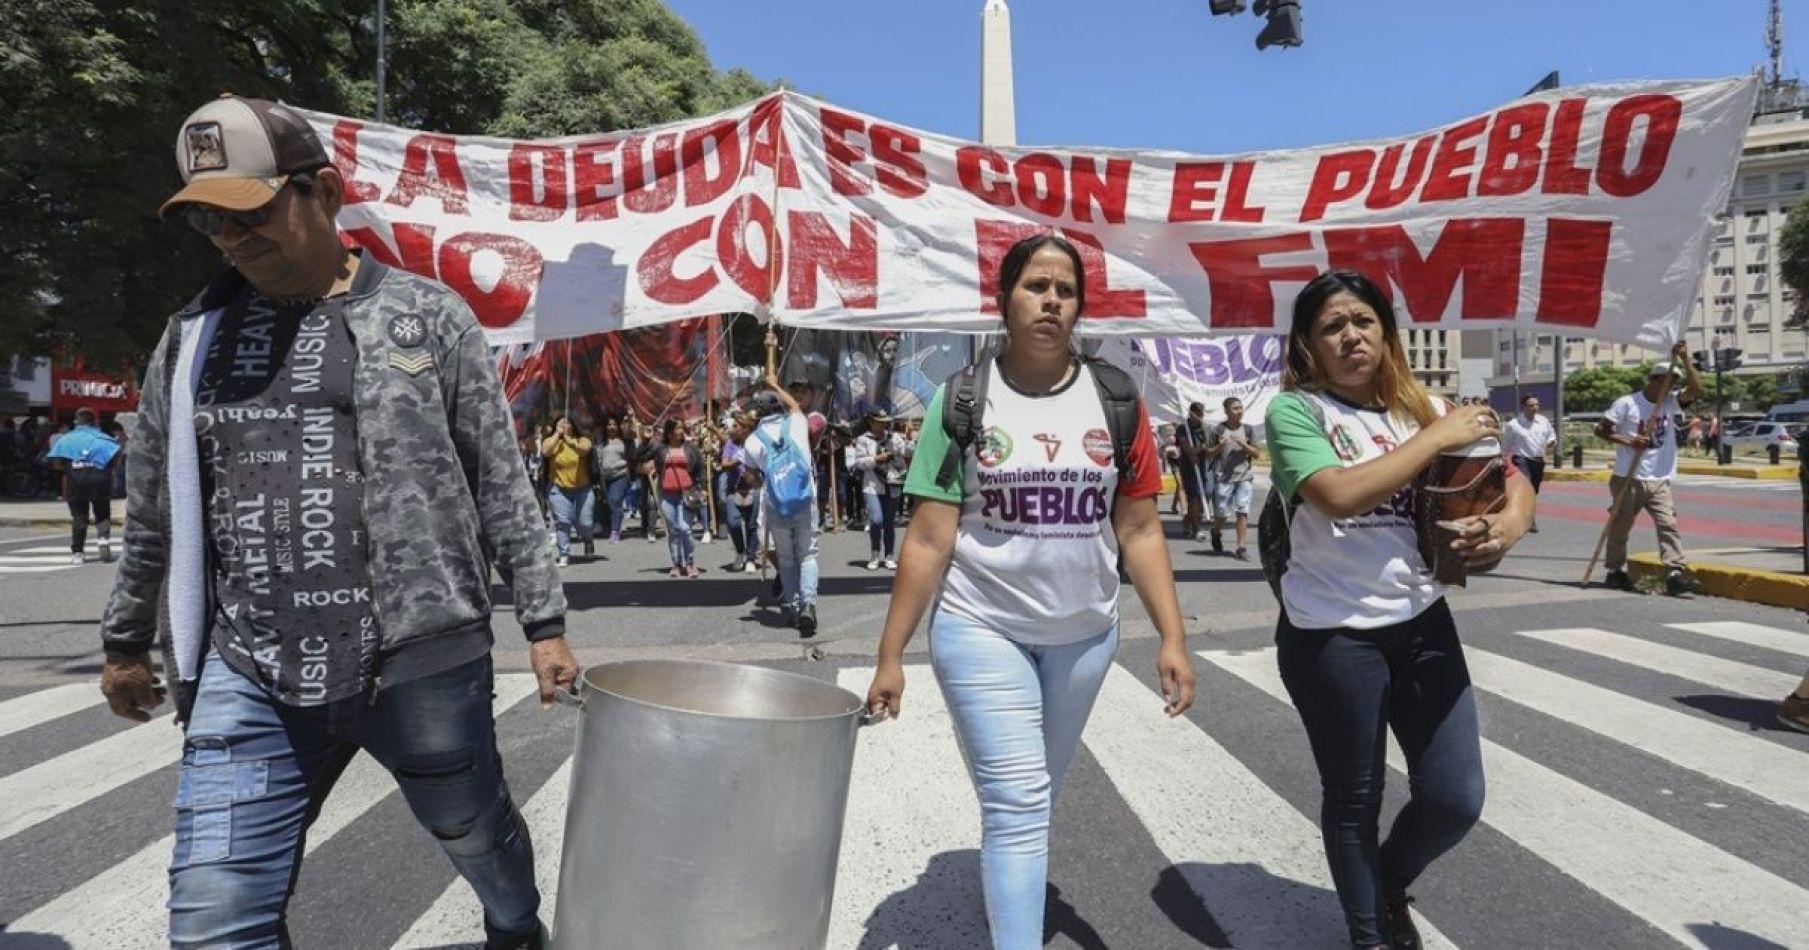 La deuda argentina debe ser desconocida